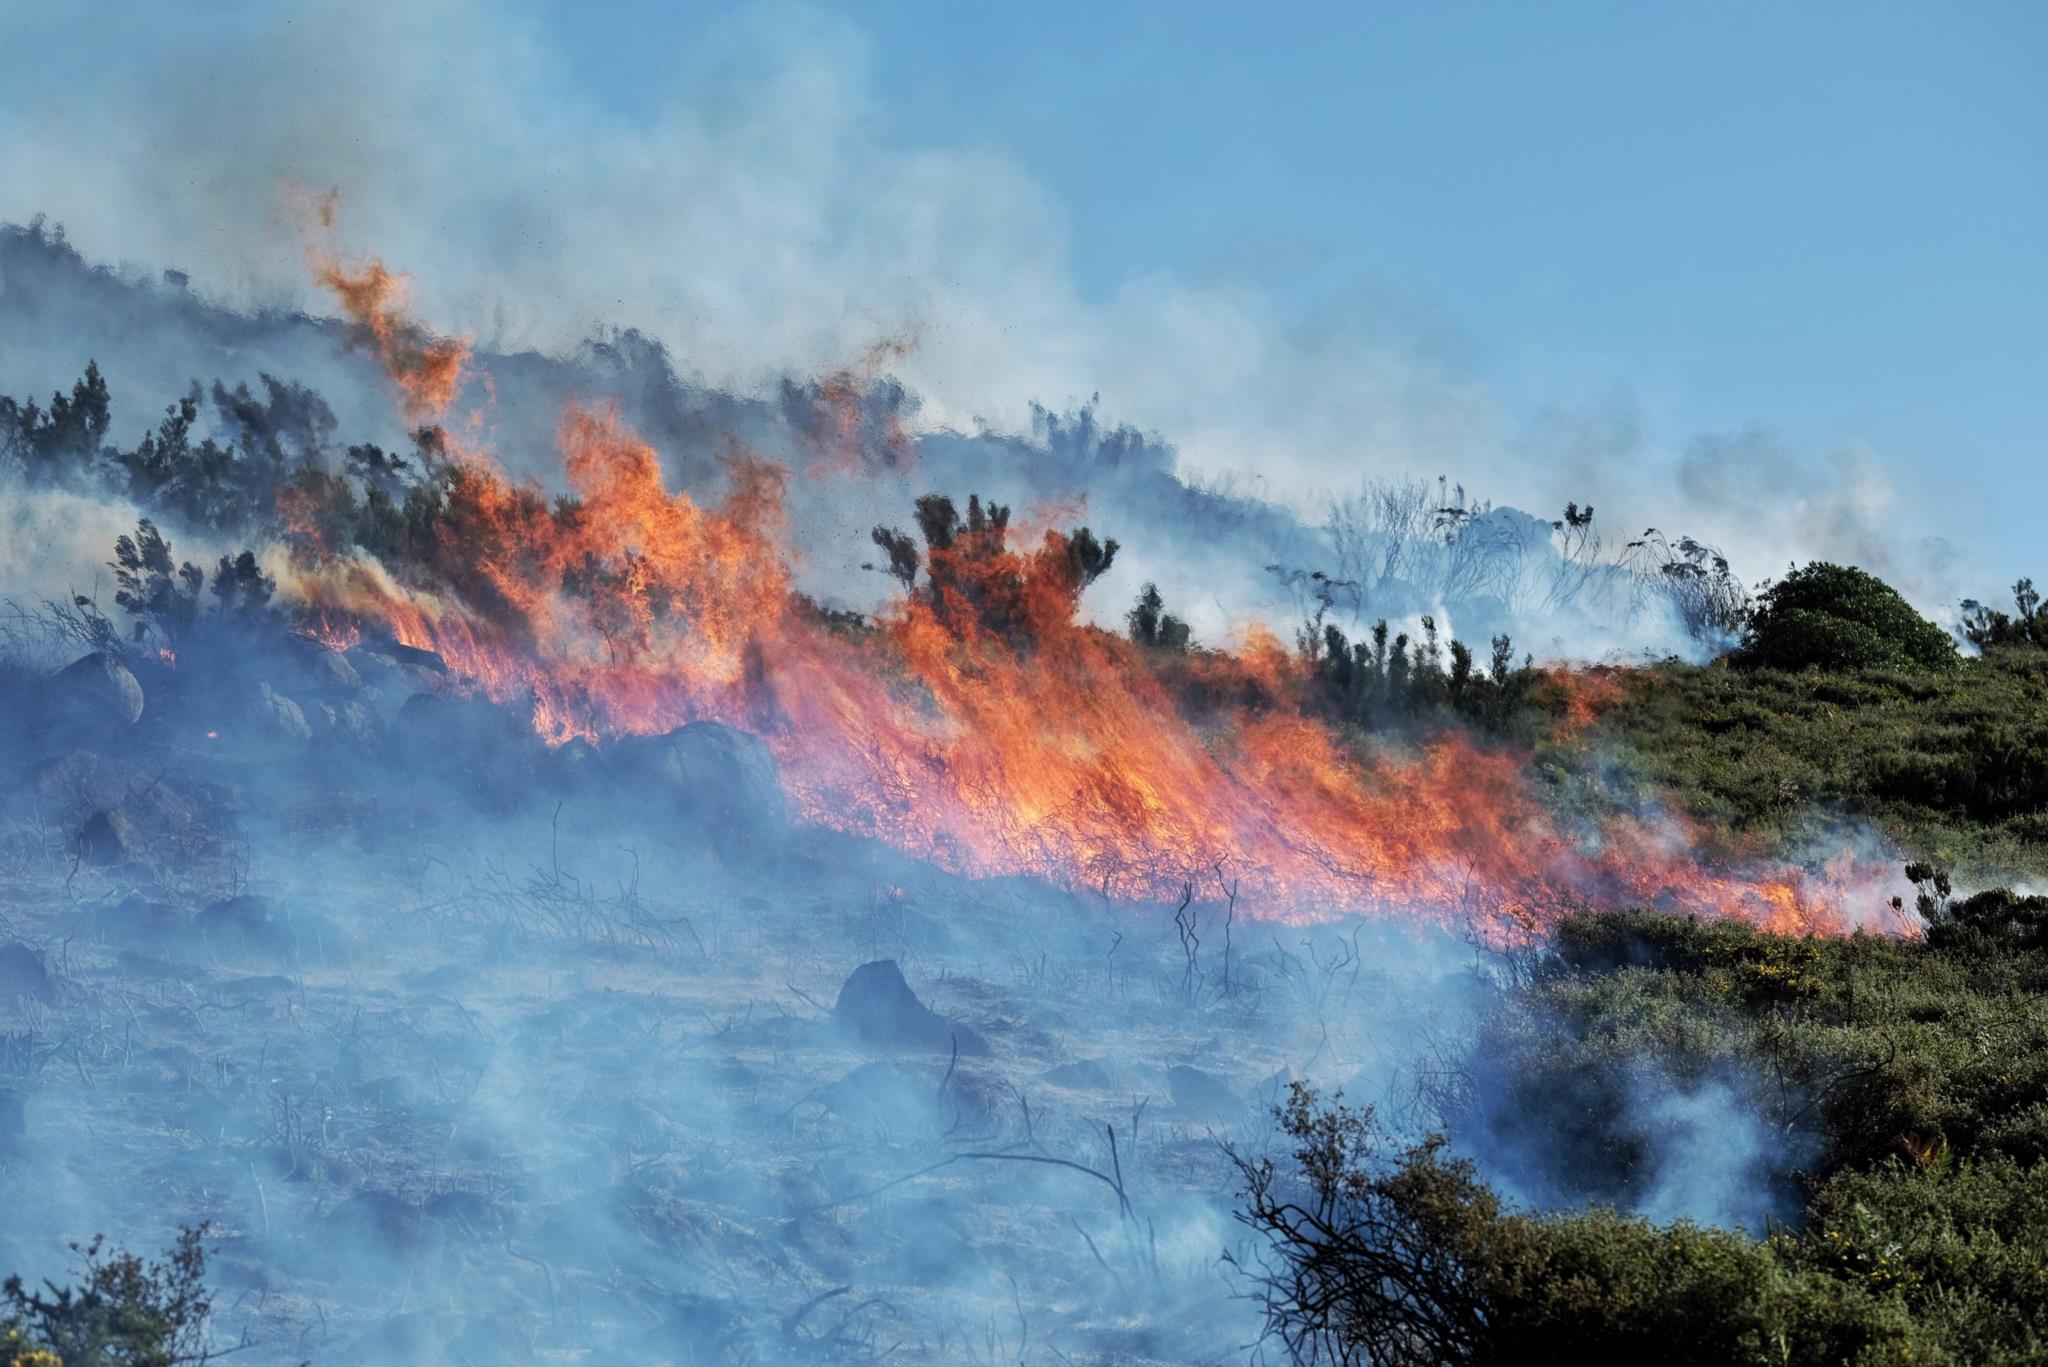 Combater alterações climáticas e incêndios? A gestão florestal é o caminho